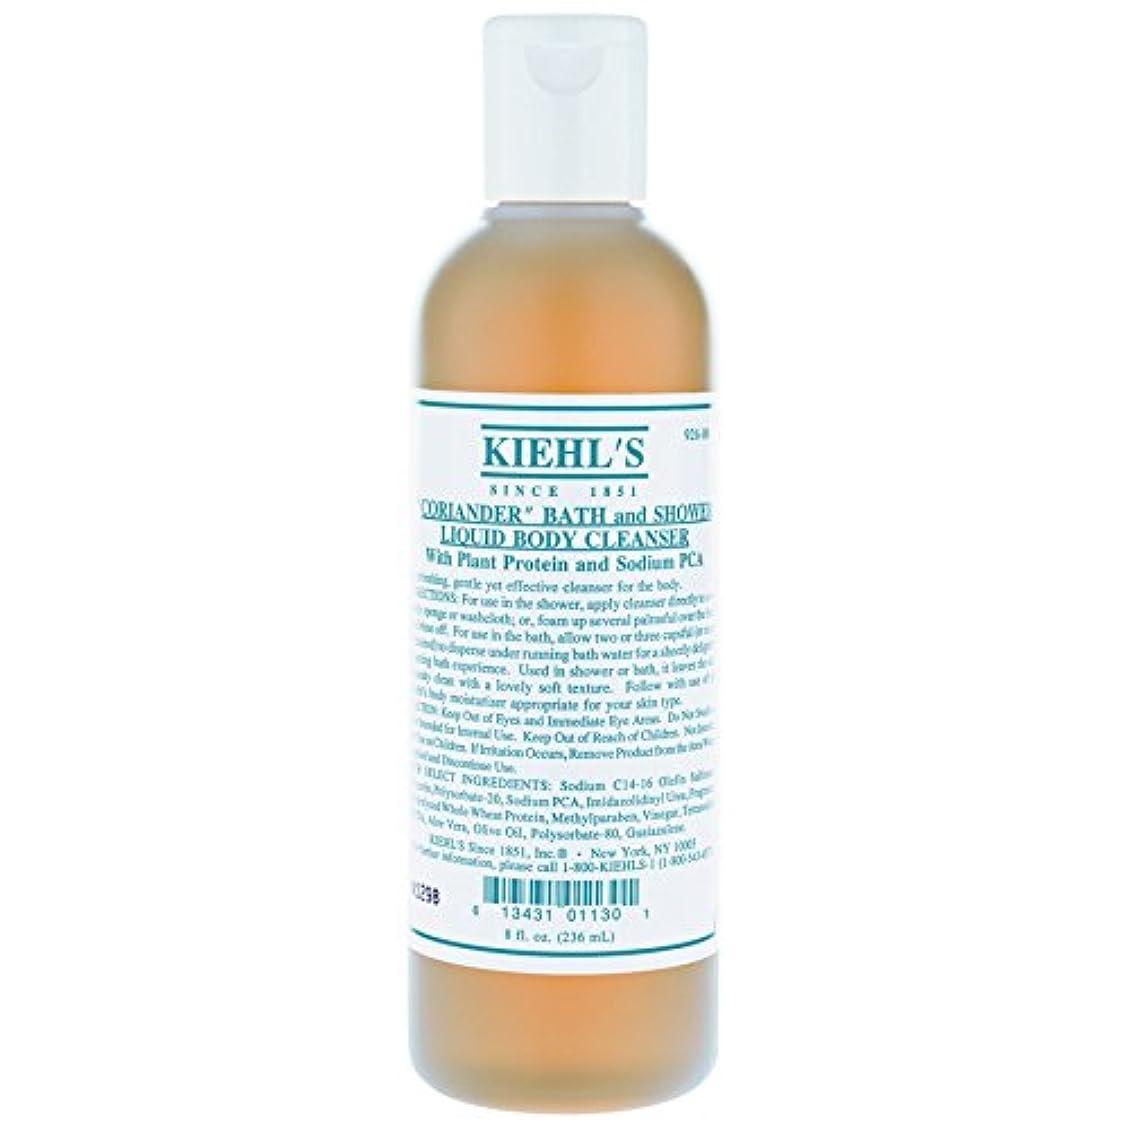 統治する旅行代理店熟読[Kiehl's] キールズコリアンダーバス&シャワー液体ボディクレンザー500ミリリットル - Kiehl's Coriander Bath & Shower Liquid Body Cleanser 500ml [並行輸入品]